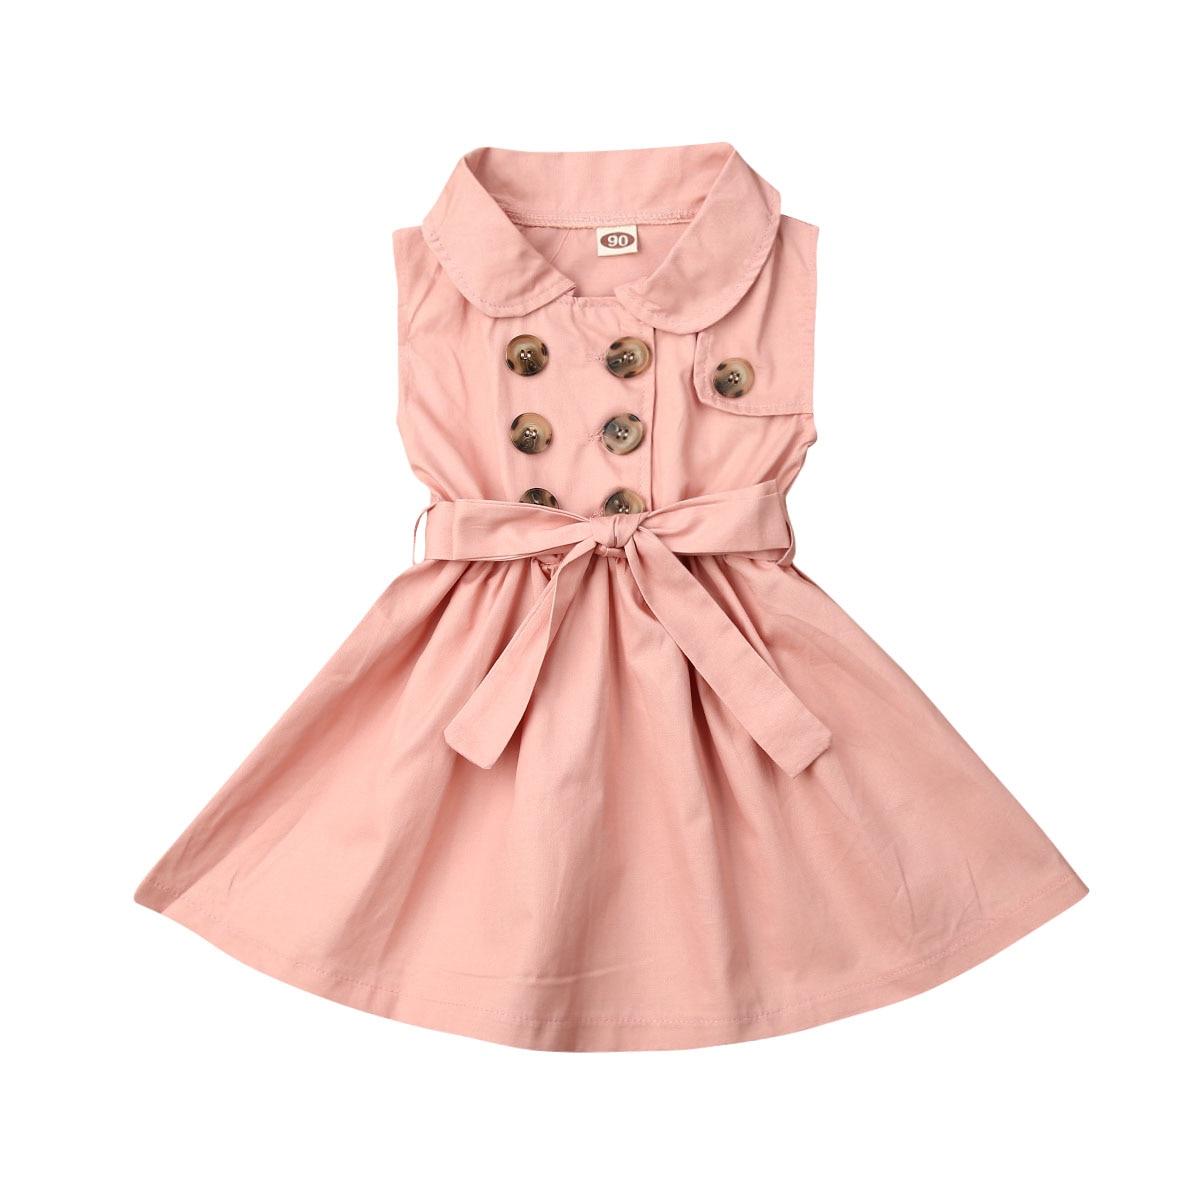 От 1 до 6 лет, модное платье для маленьких девочек новое праздничное платье принцессы без рукавов с пуговицами и бантом на свадьбу - Цвет: Розовый